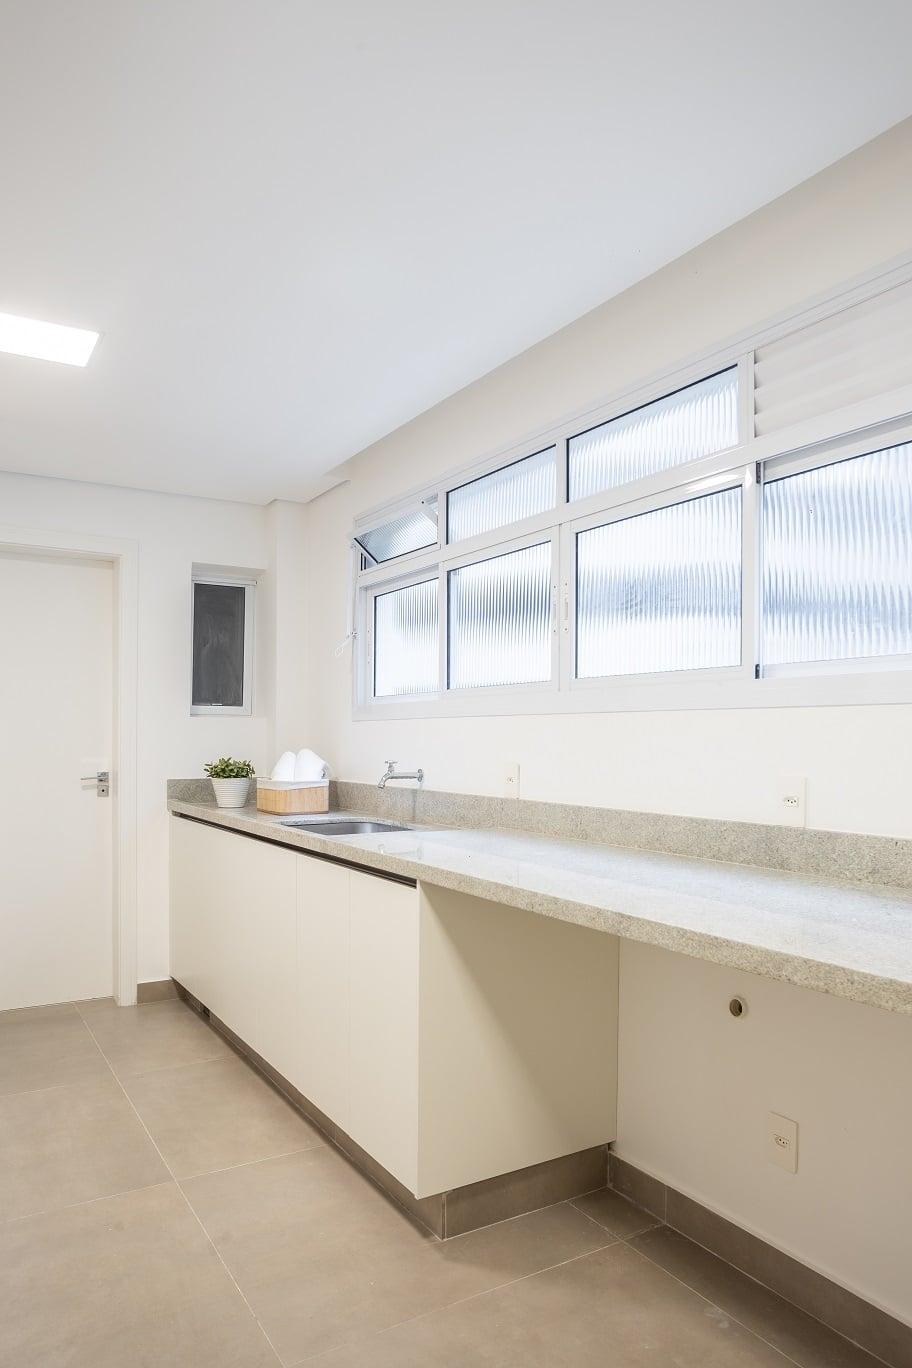 Antes & Depois: confira a transformação da lavanderia deste apartamento da Rua Jesuíno Arruda